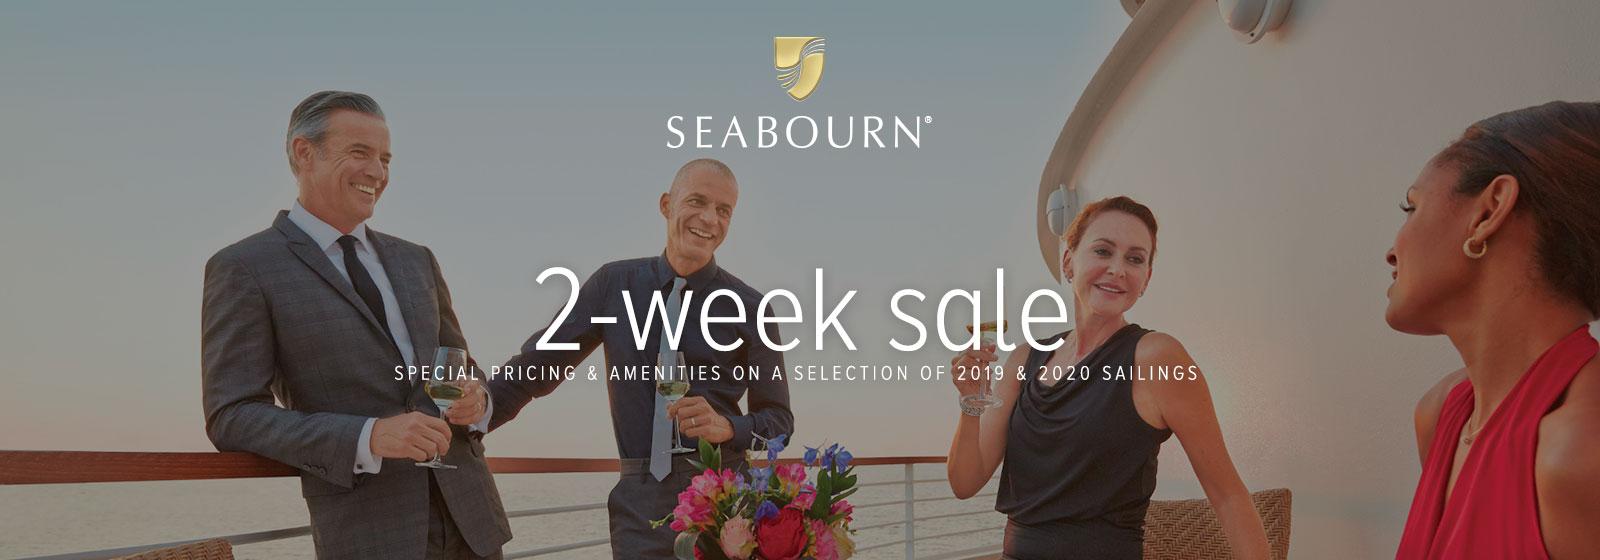 Seabourn Two Week Sale